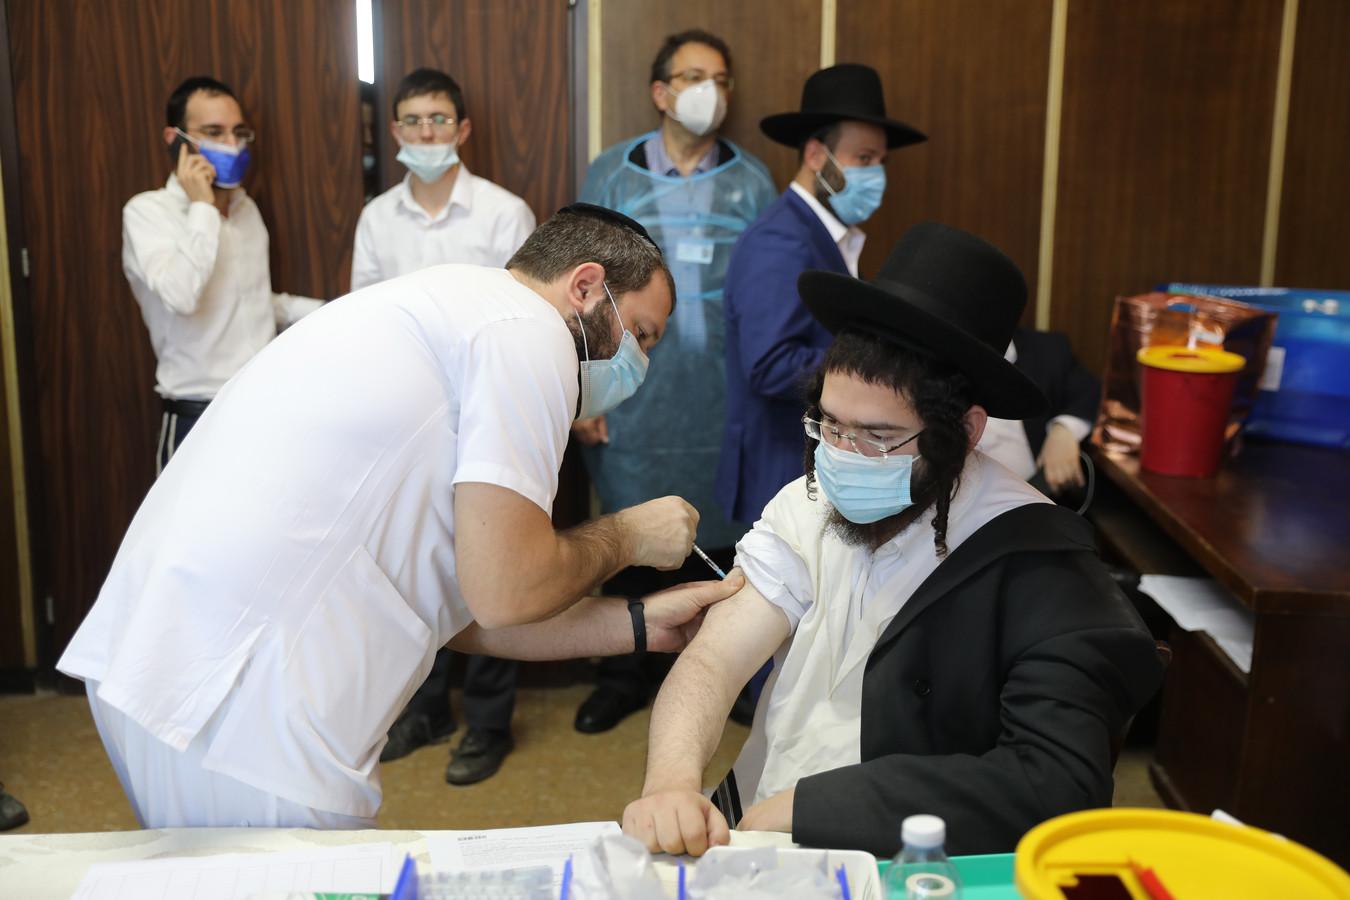 Een man laat zich vaccineren in het Ichilov Medical Center in de orthodox-joodse stad Bnei Brak.